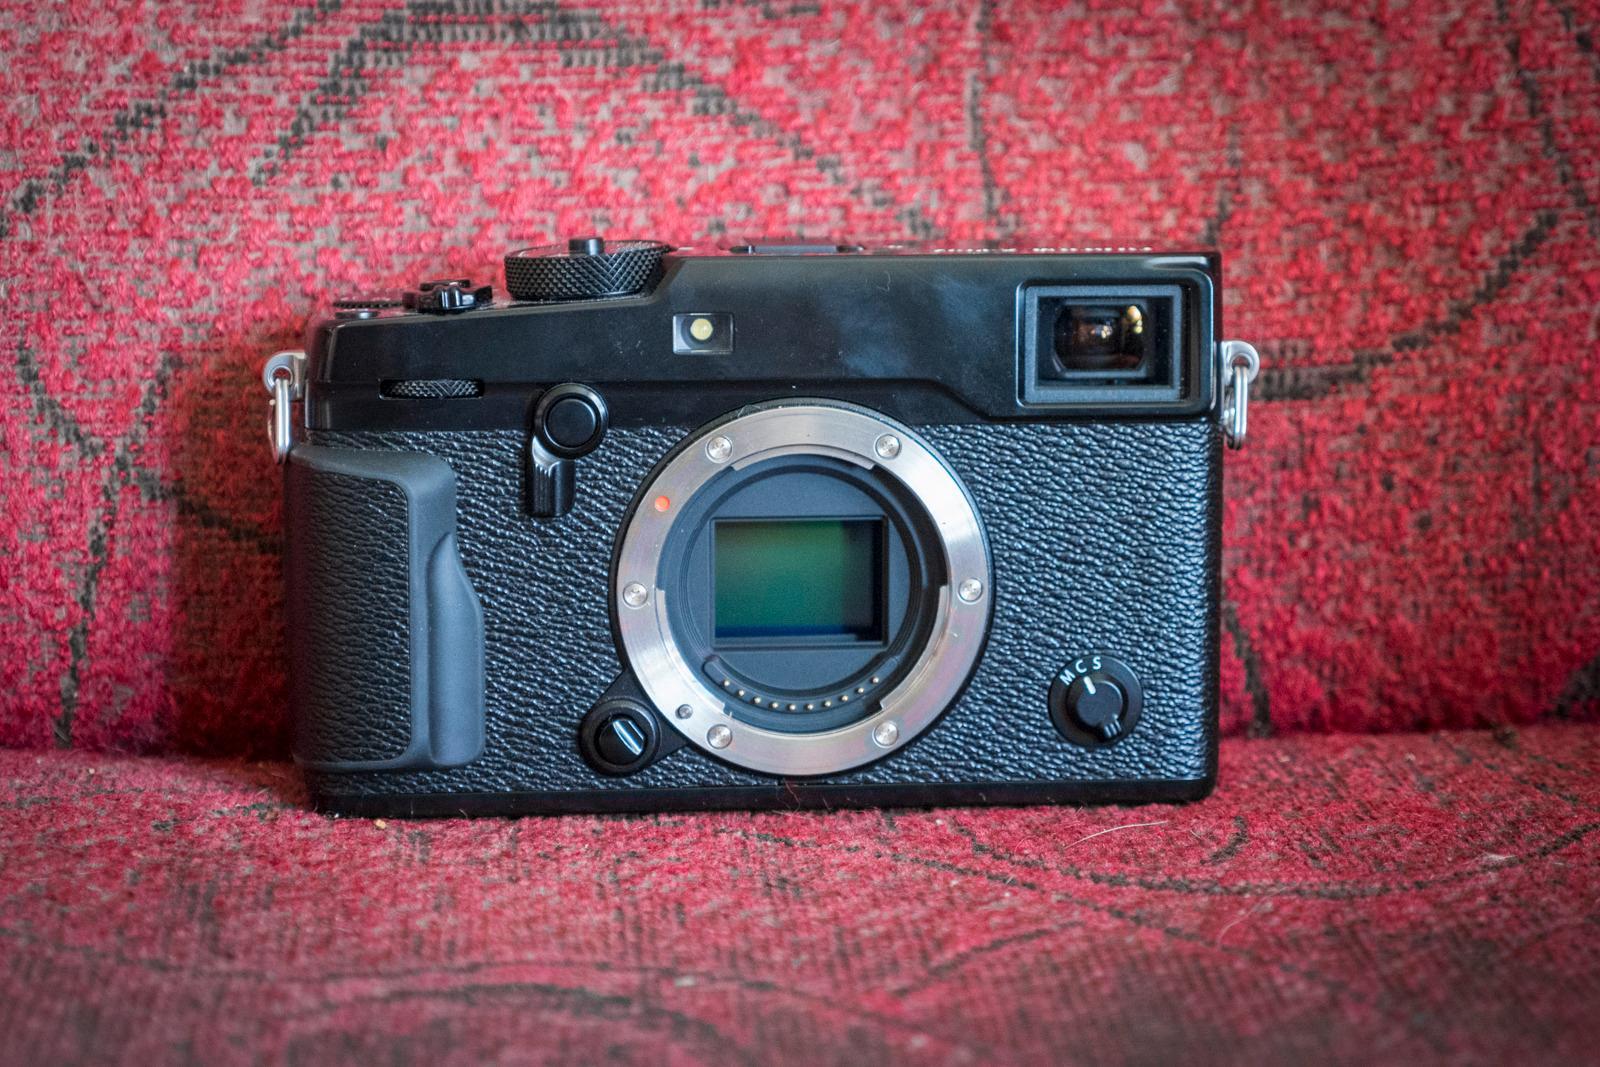 Ingen er så retro som Fujifilm, men det ligger høyst moderne funksjoner under karosseriet. Se flere bilder av kameraet nederst på siden.